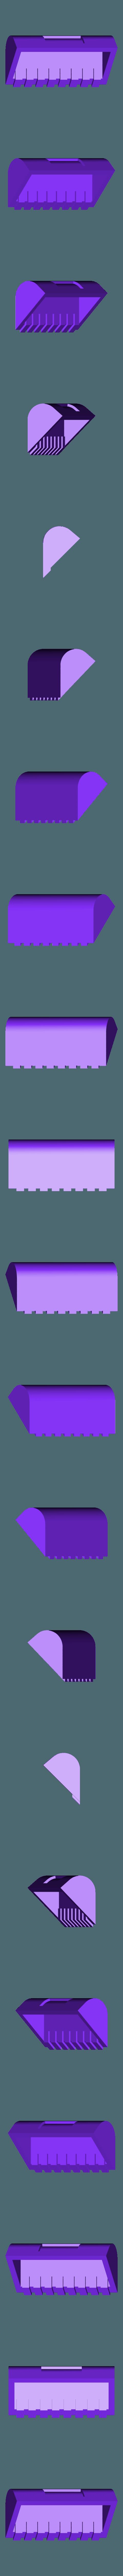 Bucket.STL Download STL file LiL FRONT LOADER • 3D printable template, biglildesign